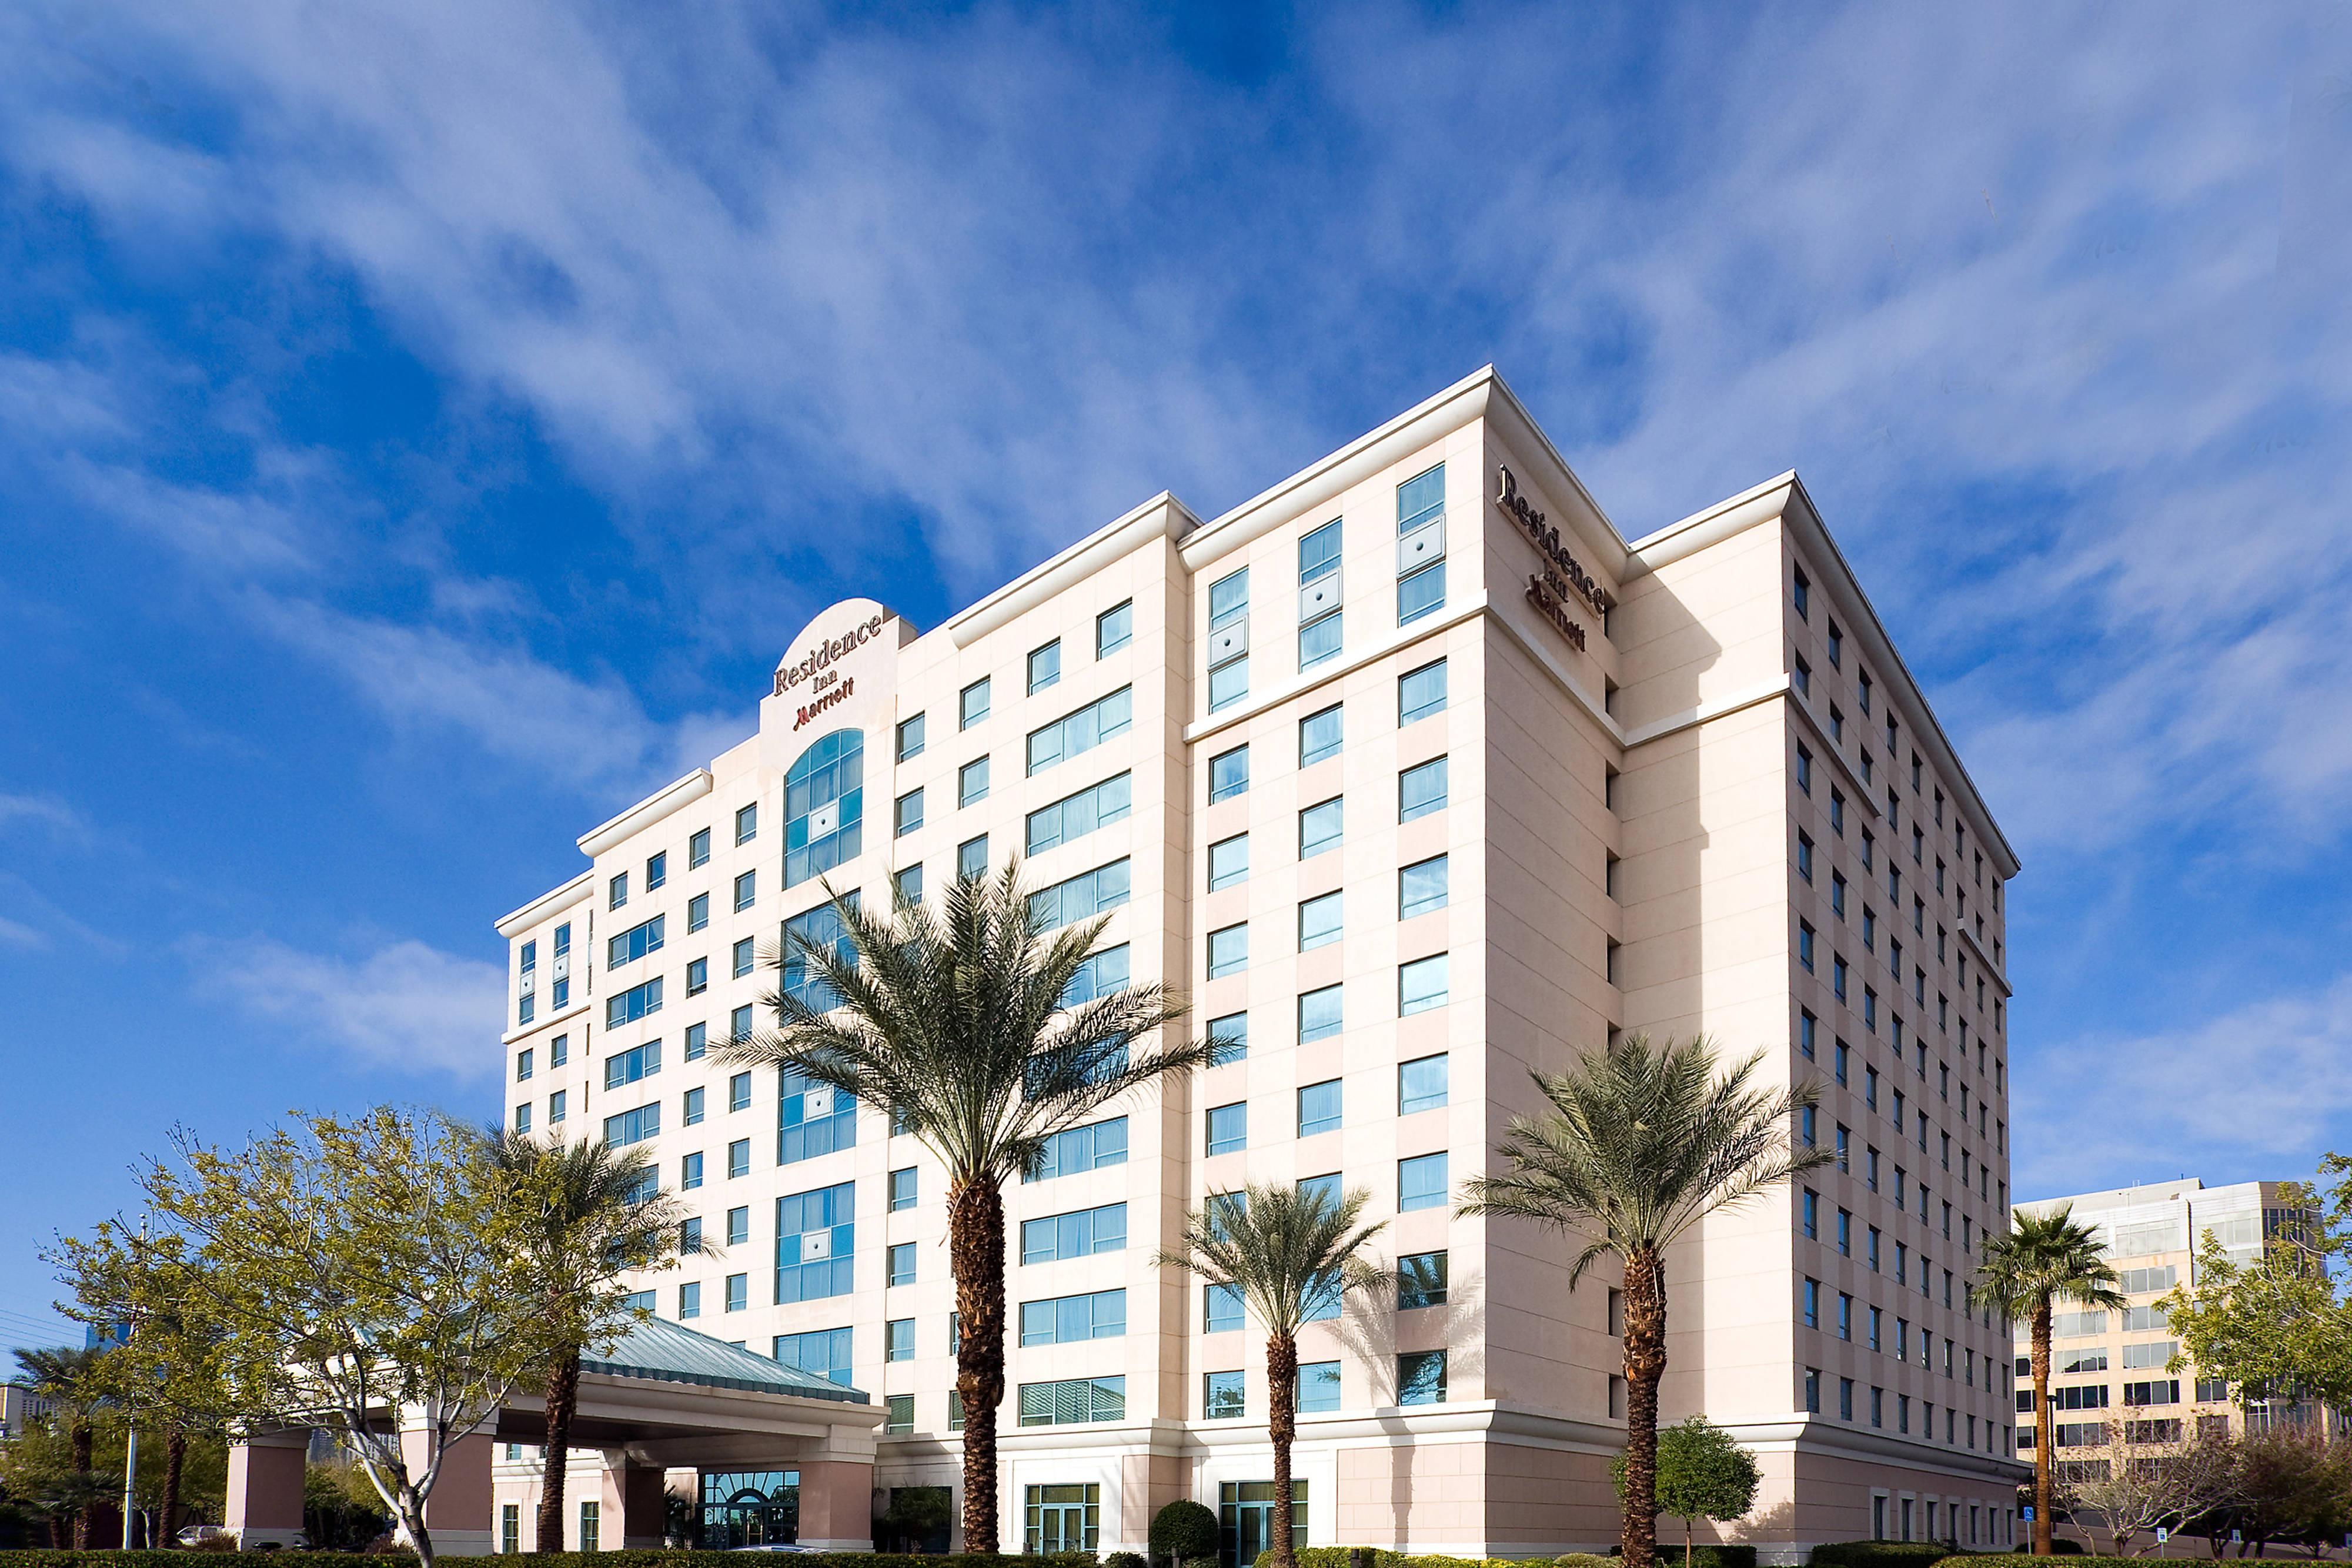 Hotel en el Hughes Center de Las Vegas